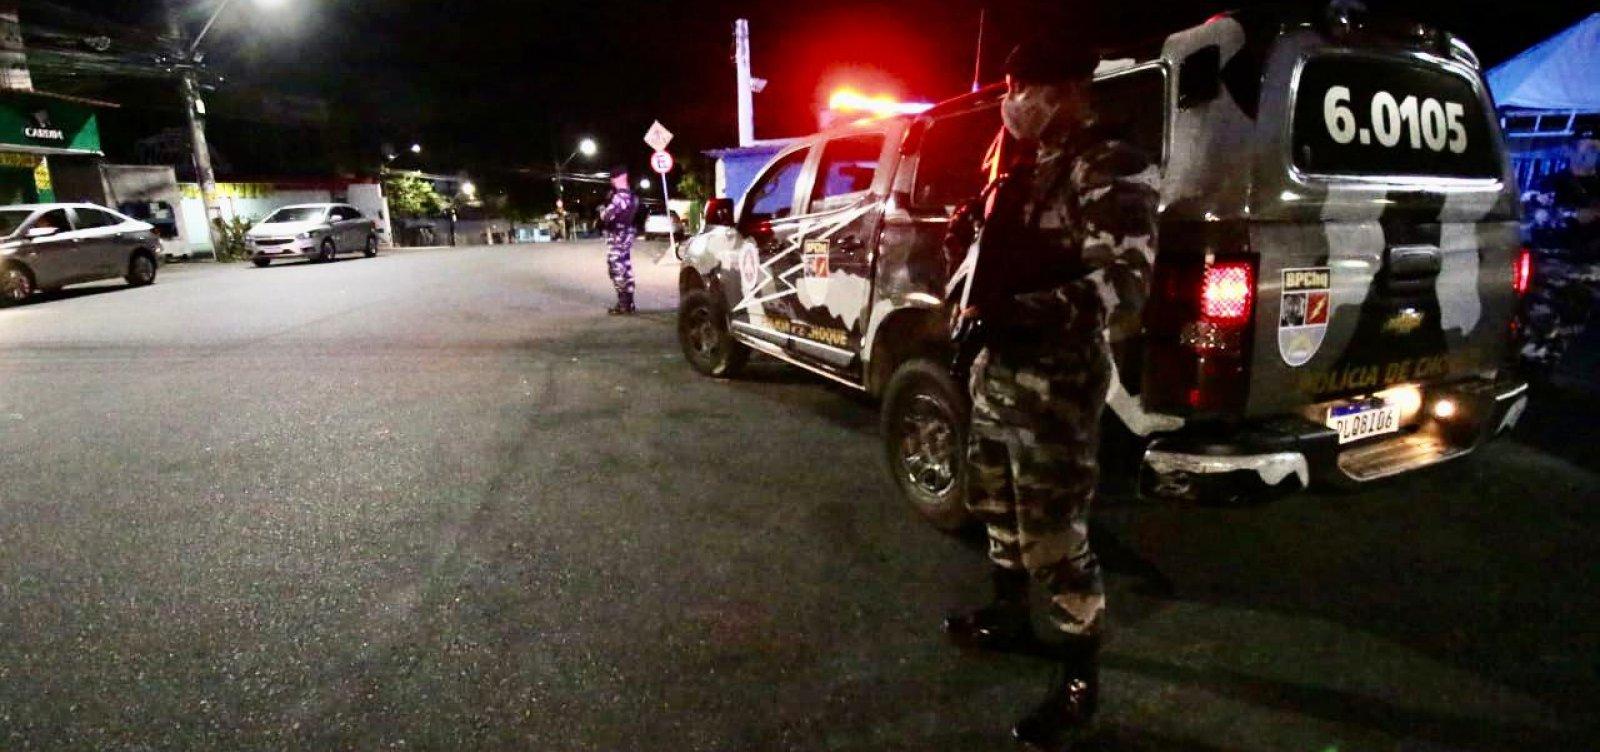 Vinte e três pessoas são autuadas por desrespeito ao toque de recolher na Bahia